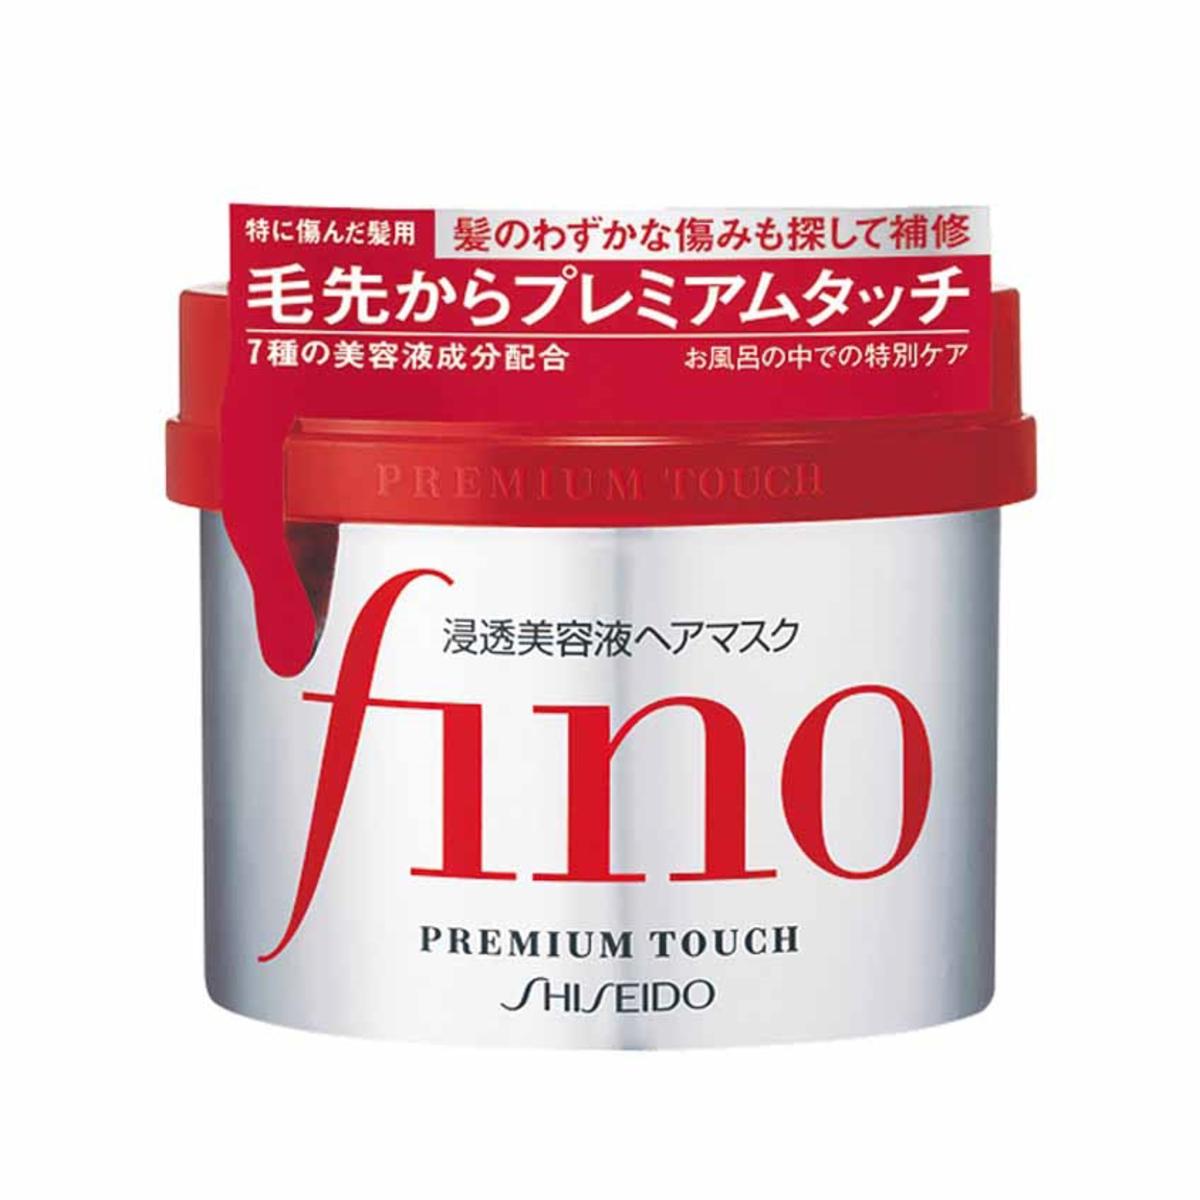 FINO 深層滋養髮膜 230g (日本版)